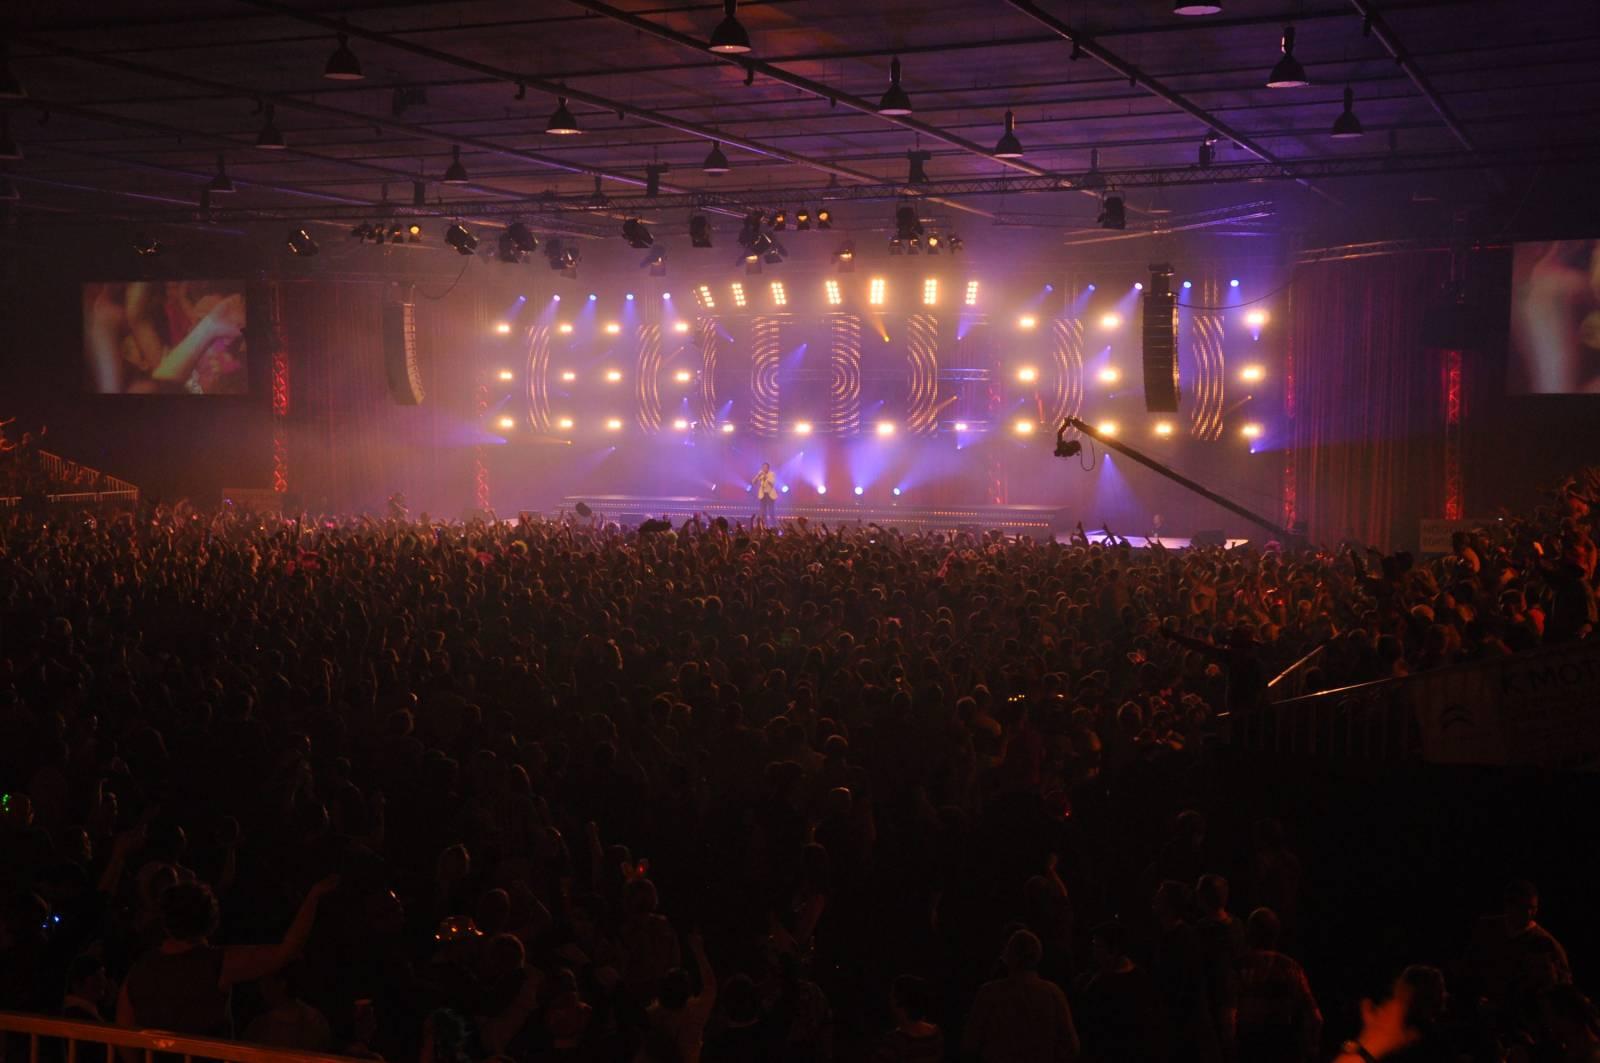 Kortrijk Xpo - Eventlocatie - Feestzaal - Kortrijk - Expohal - House of Events - 14